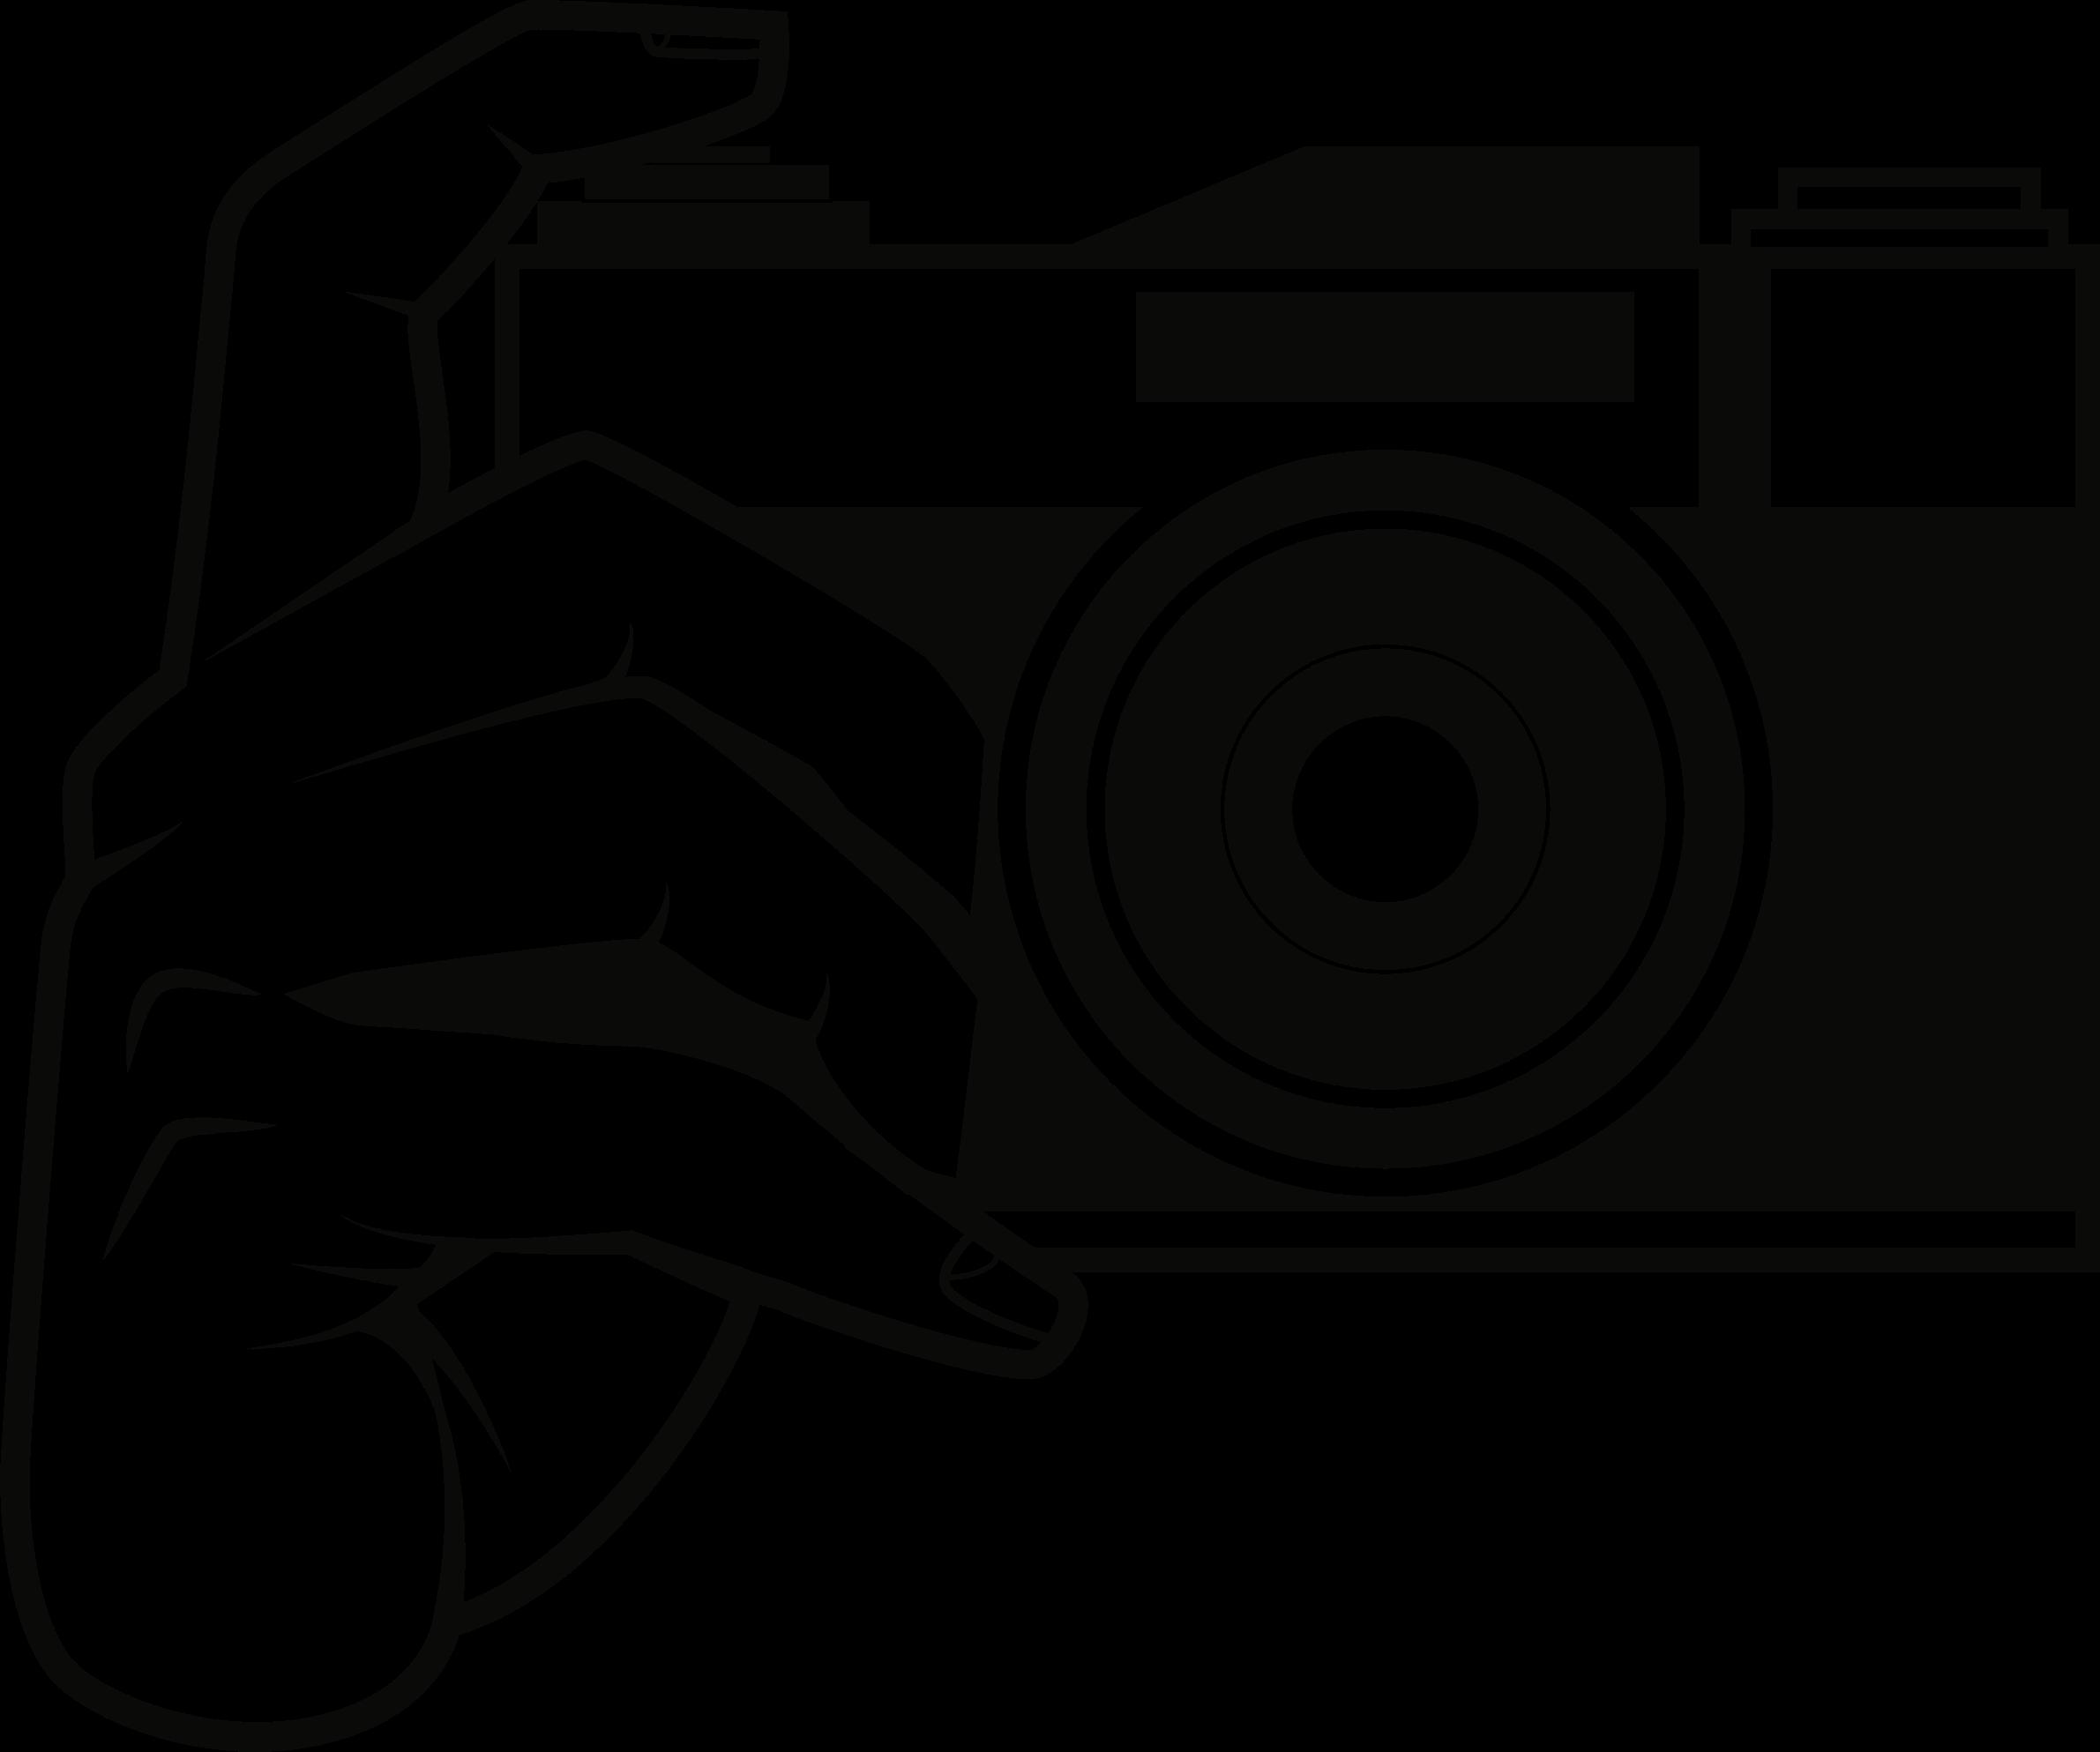 Clipart - Camera (#1) - 177.5KB